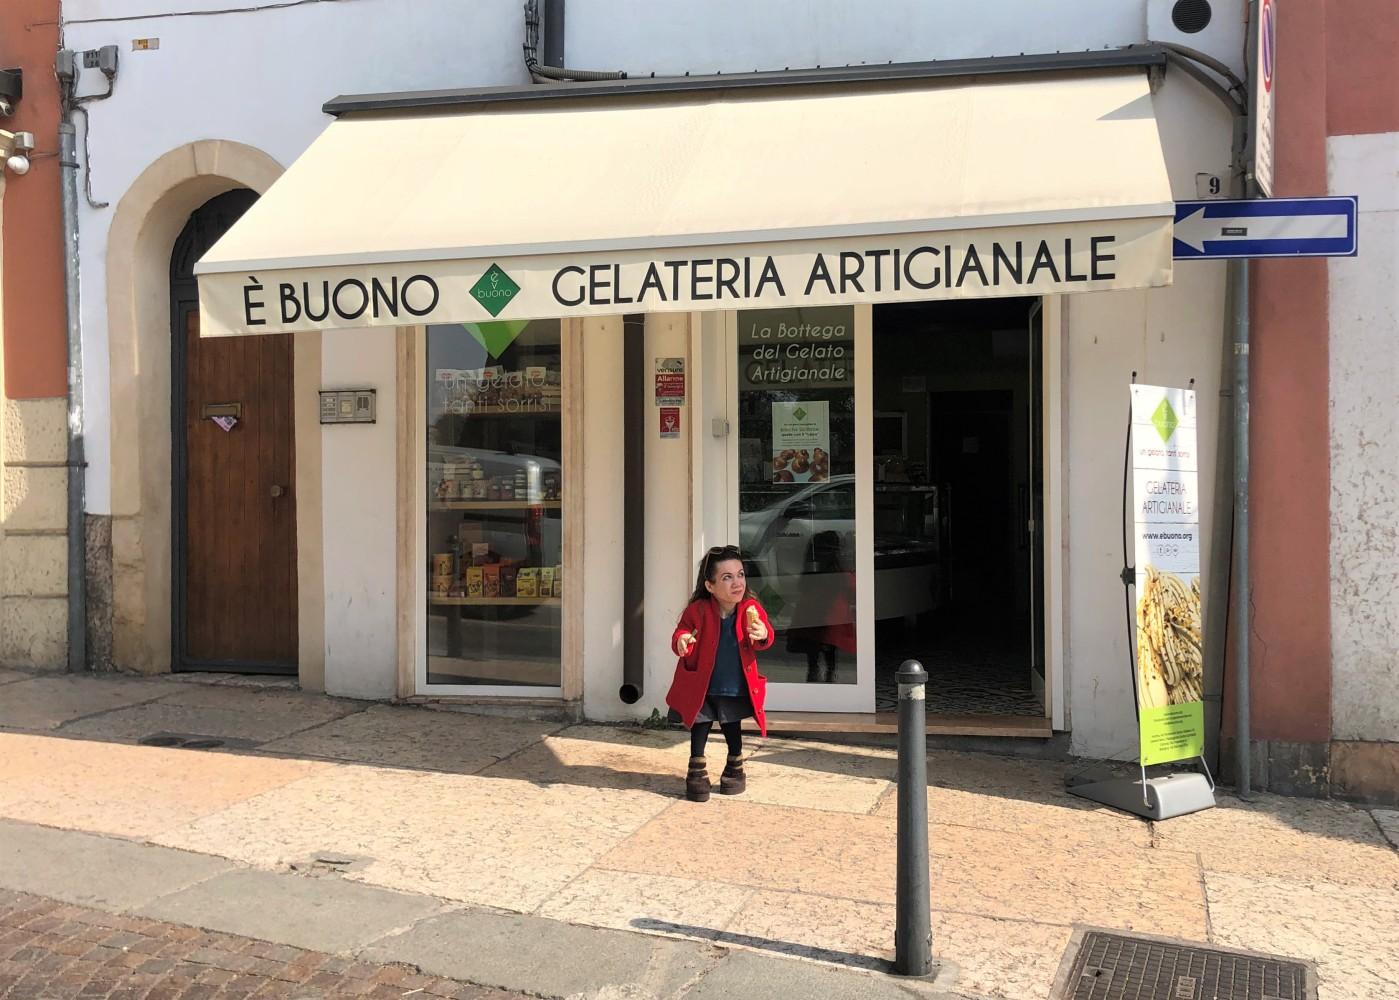 Nanabianca davanti alla gelateria E' Buono